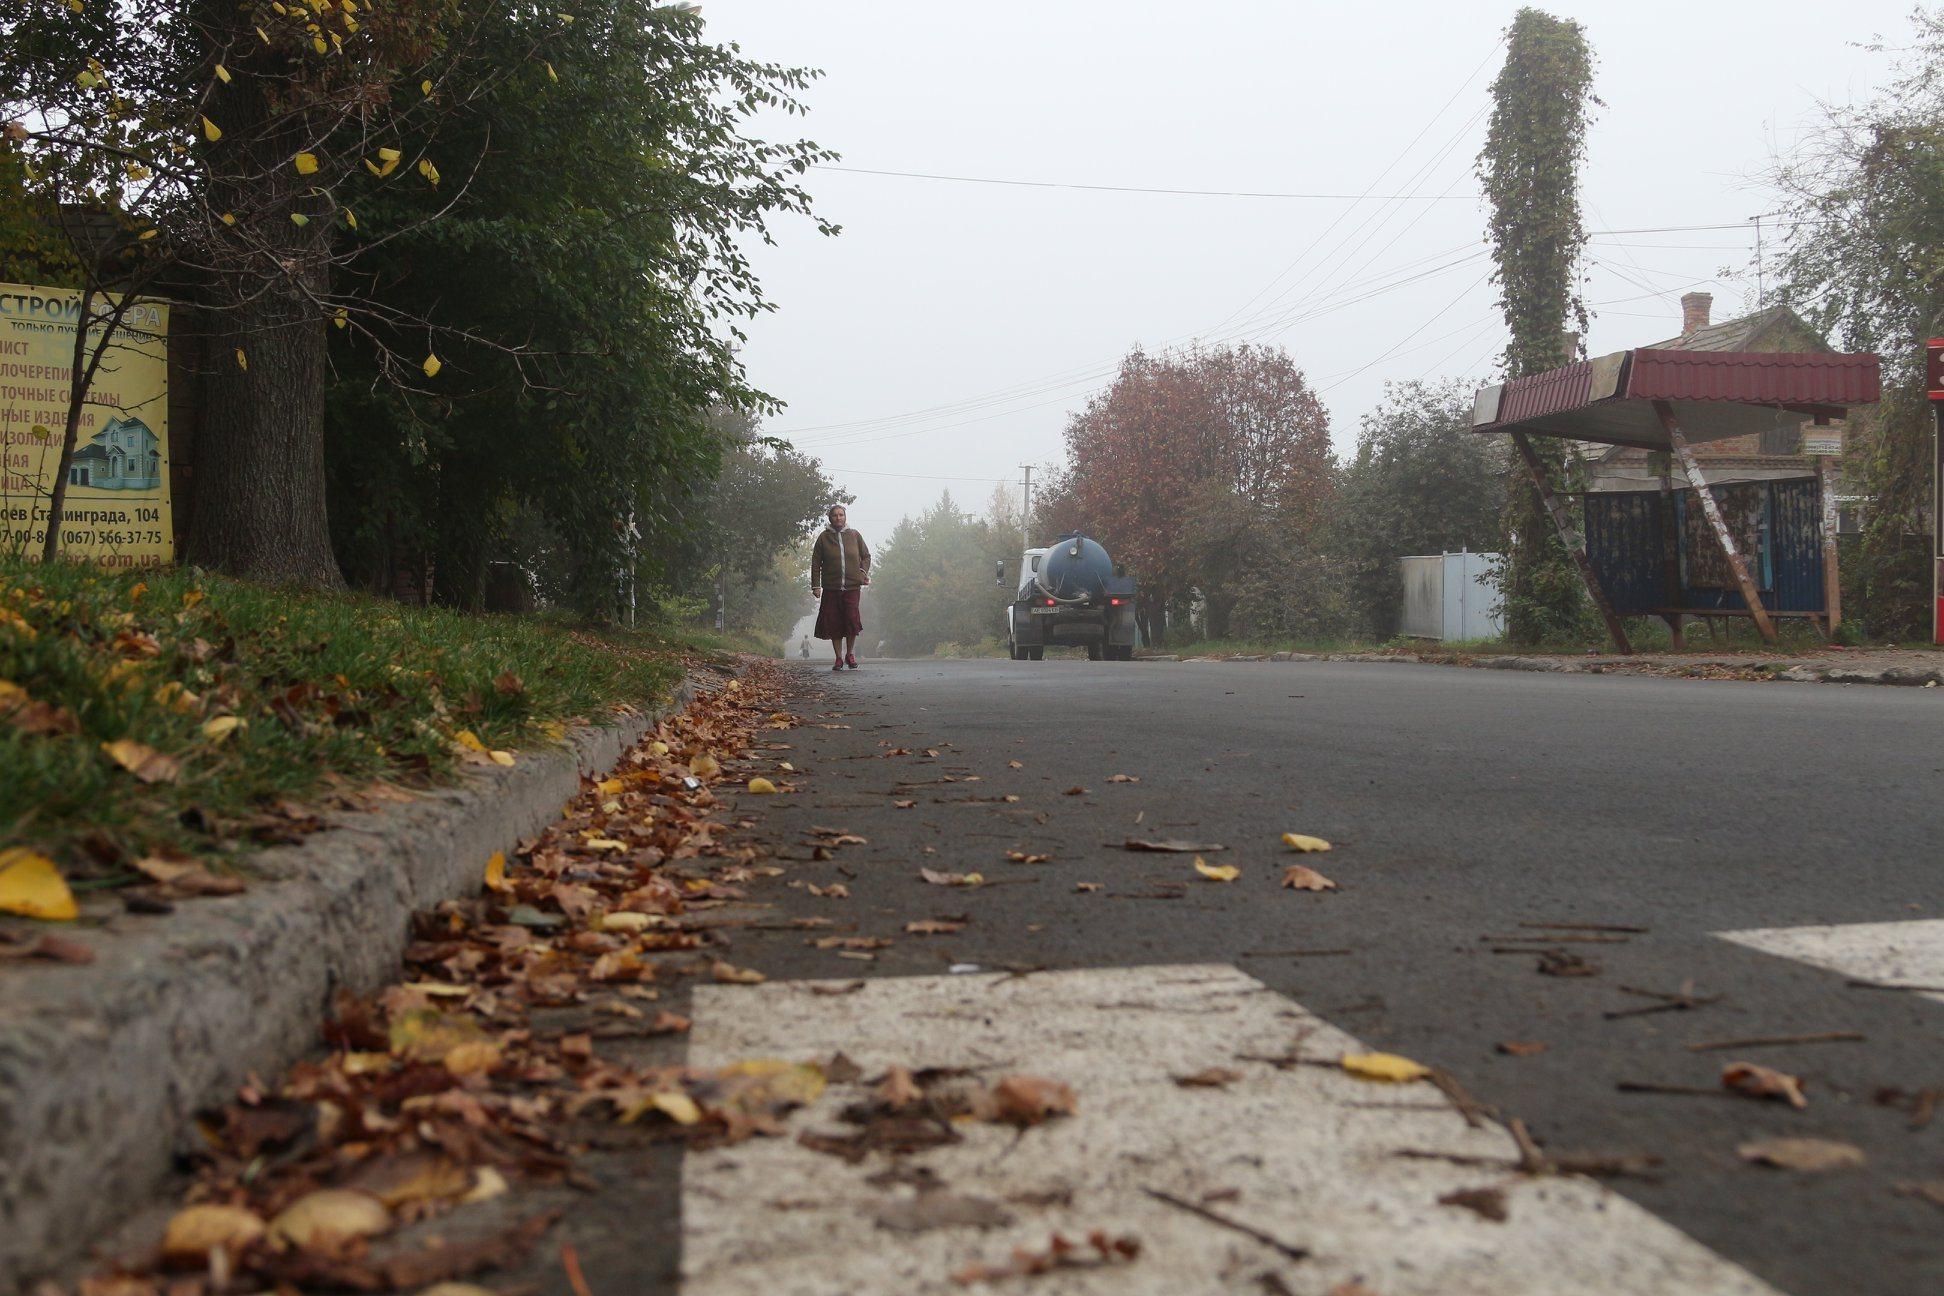 Капитальный ремонт дорог Днепра: где и что сделали. Новости Днепра